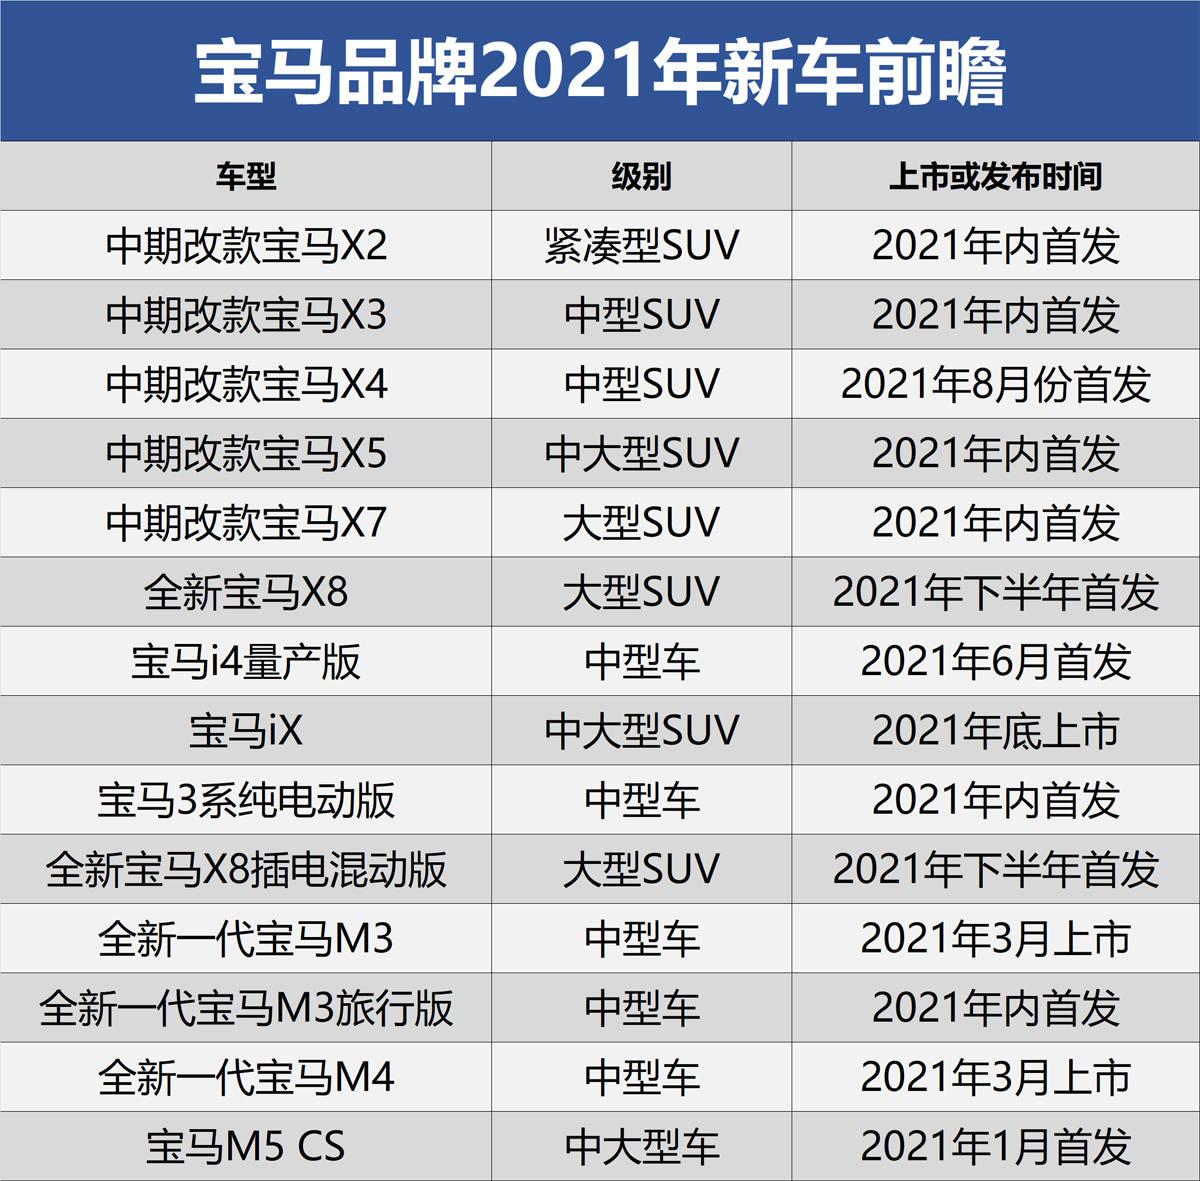 全新宝马X8/宝马iX领衔 宝马品牌2021年新车前瞻